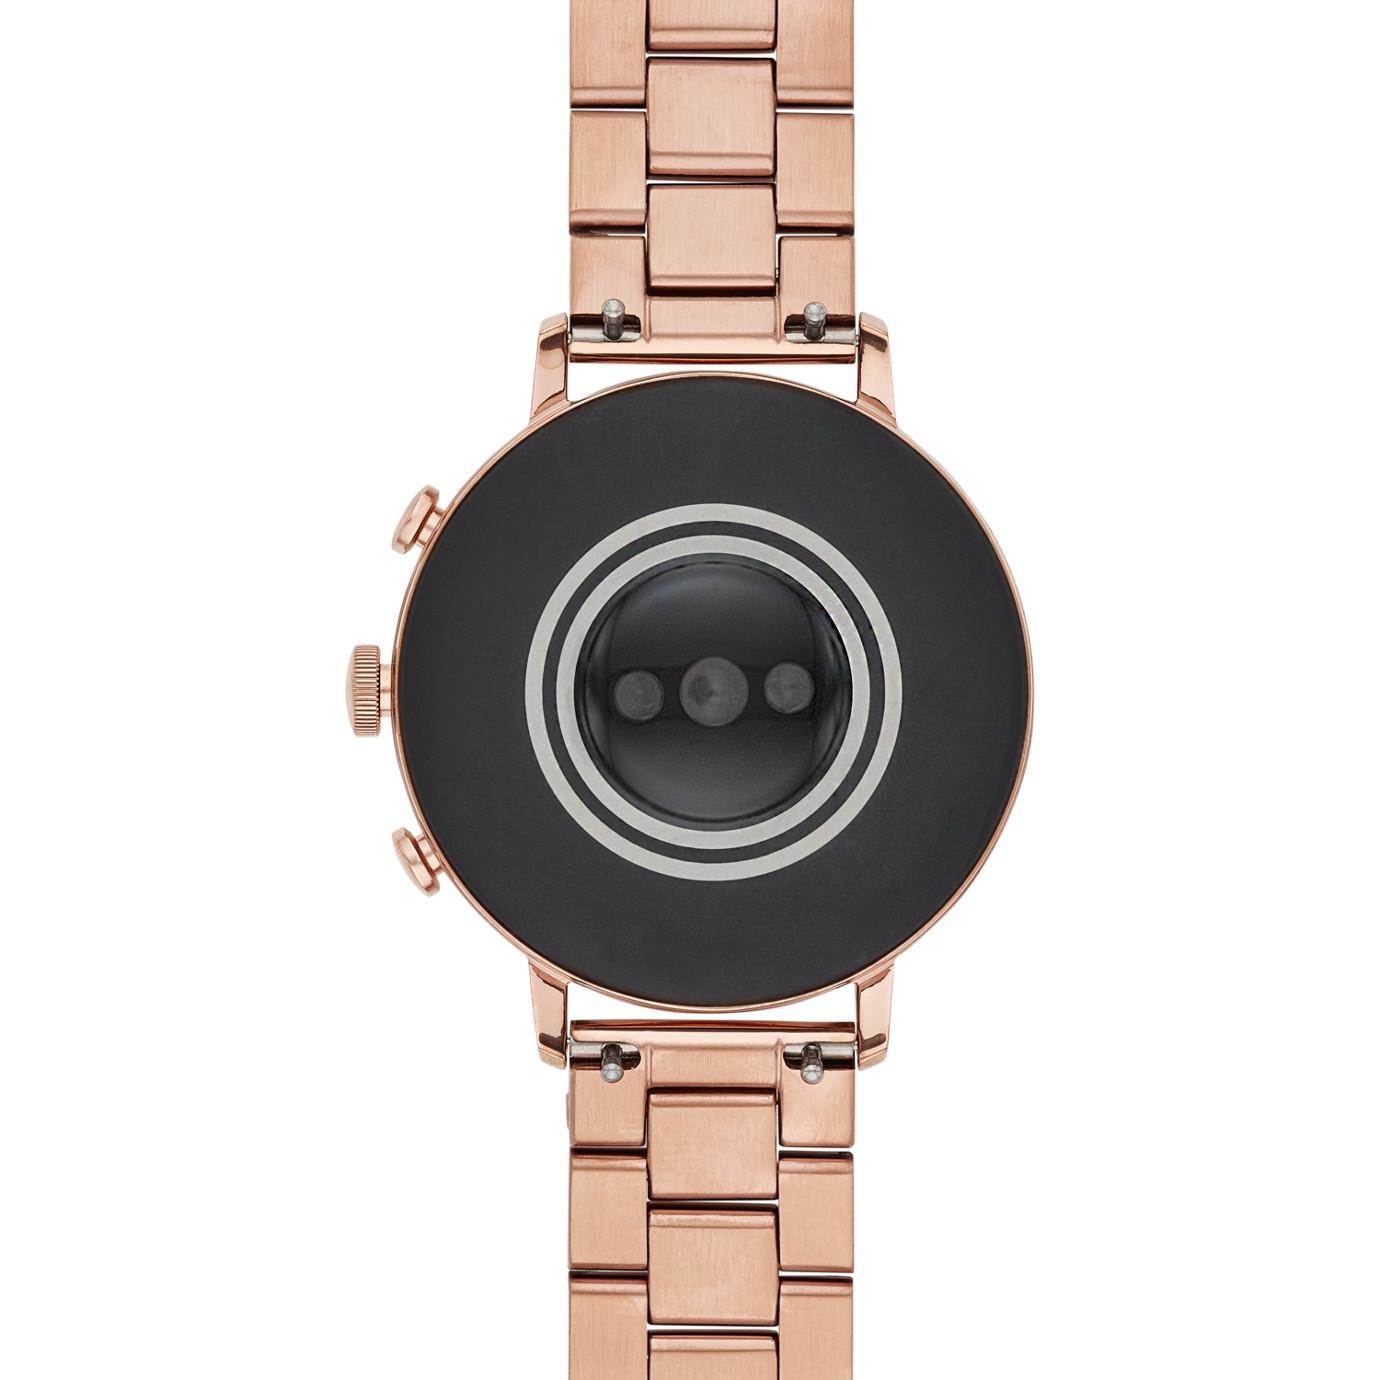 Gen 4 Smartwatch -  Venture HR Rose Gold-Tone Stainless Steel